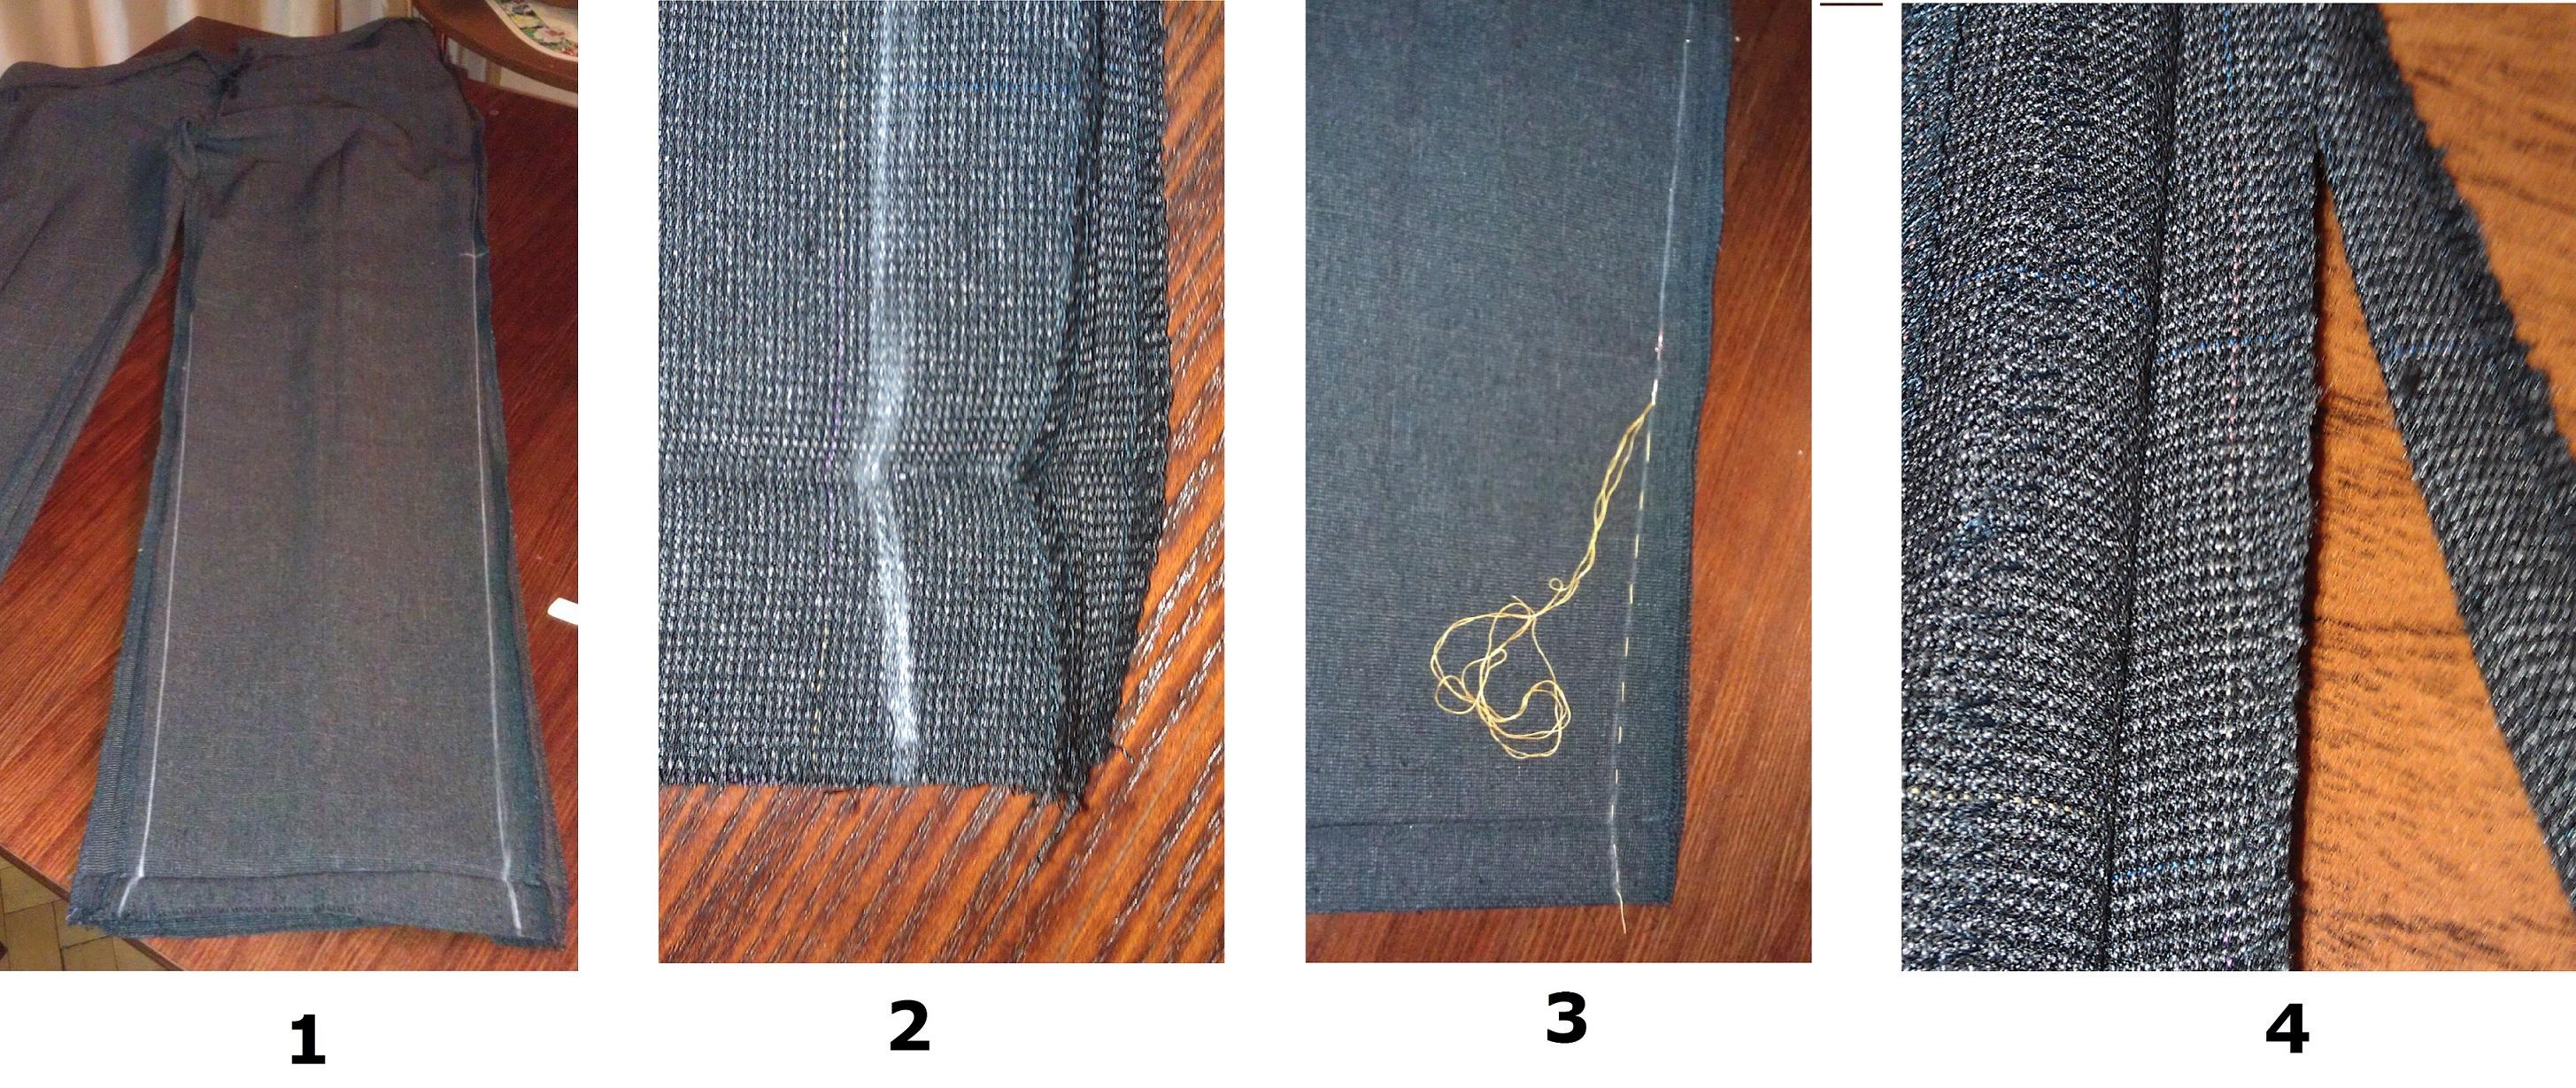 Как заузить брюки (1-4)